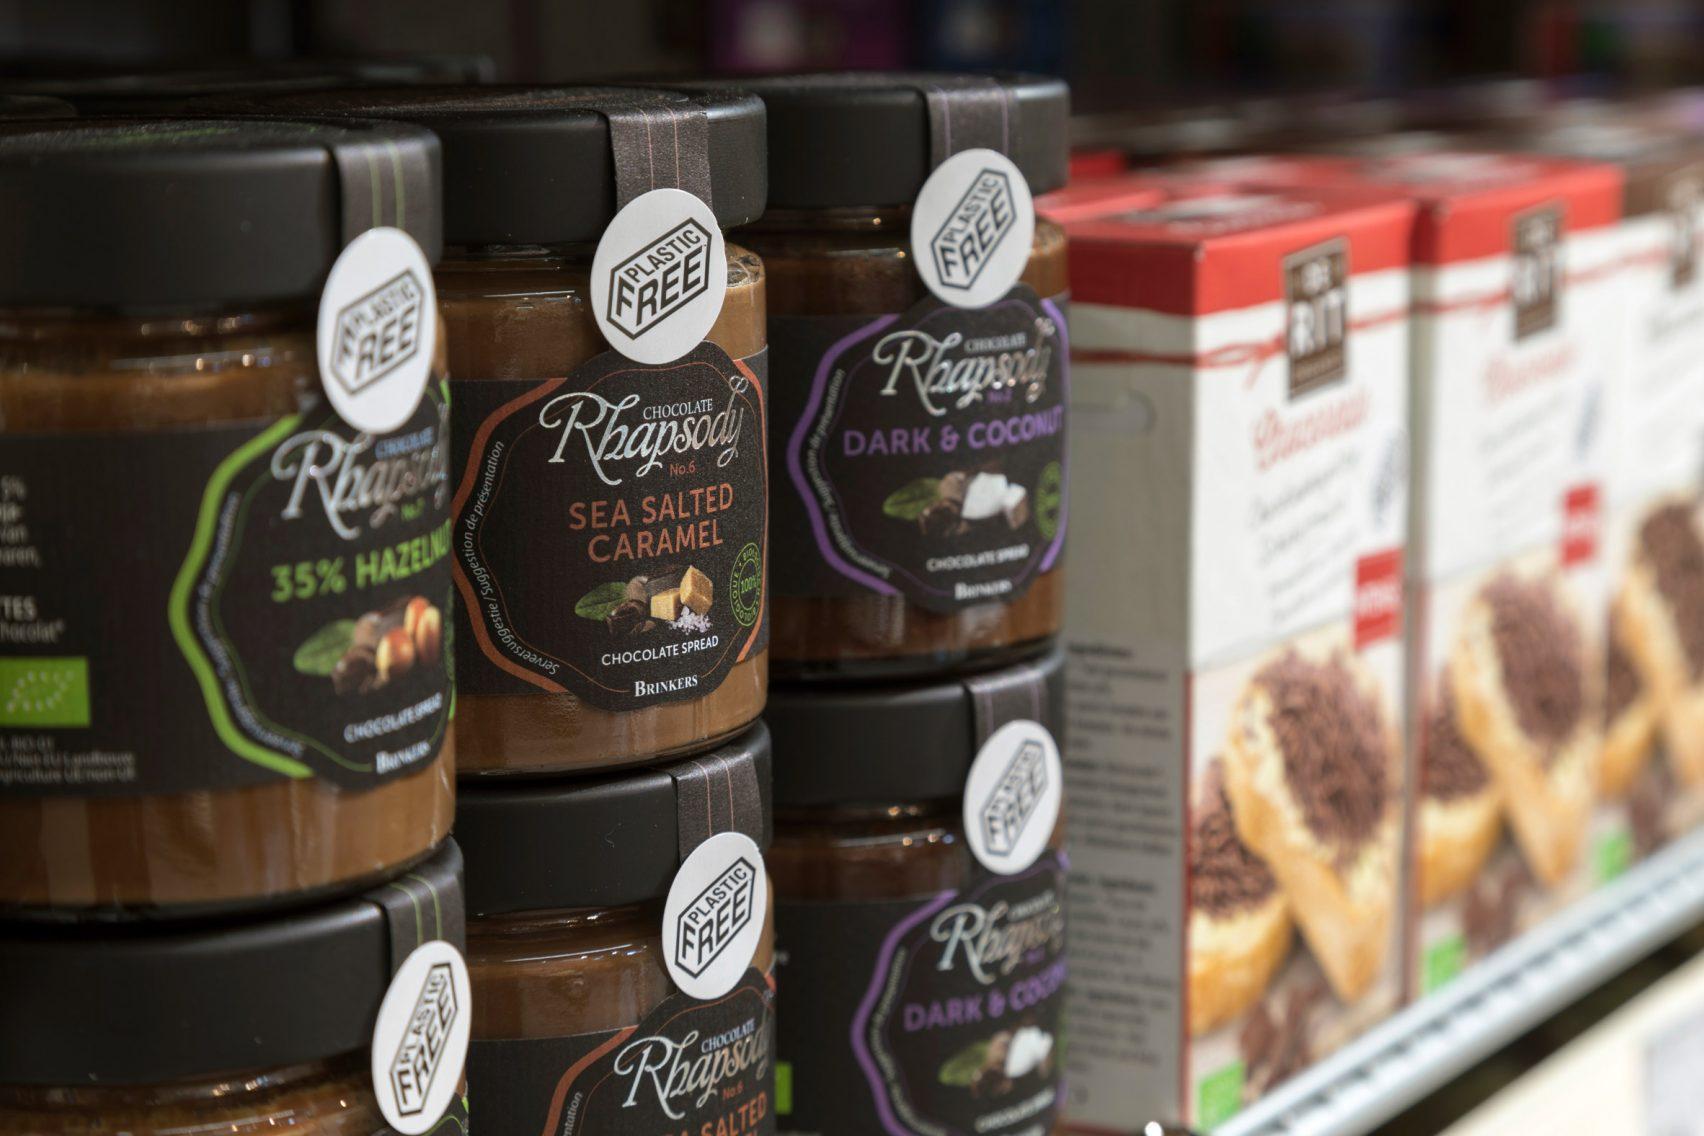 В Амстердаме открылся первый супермаркет без пластика